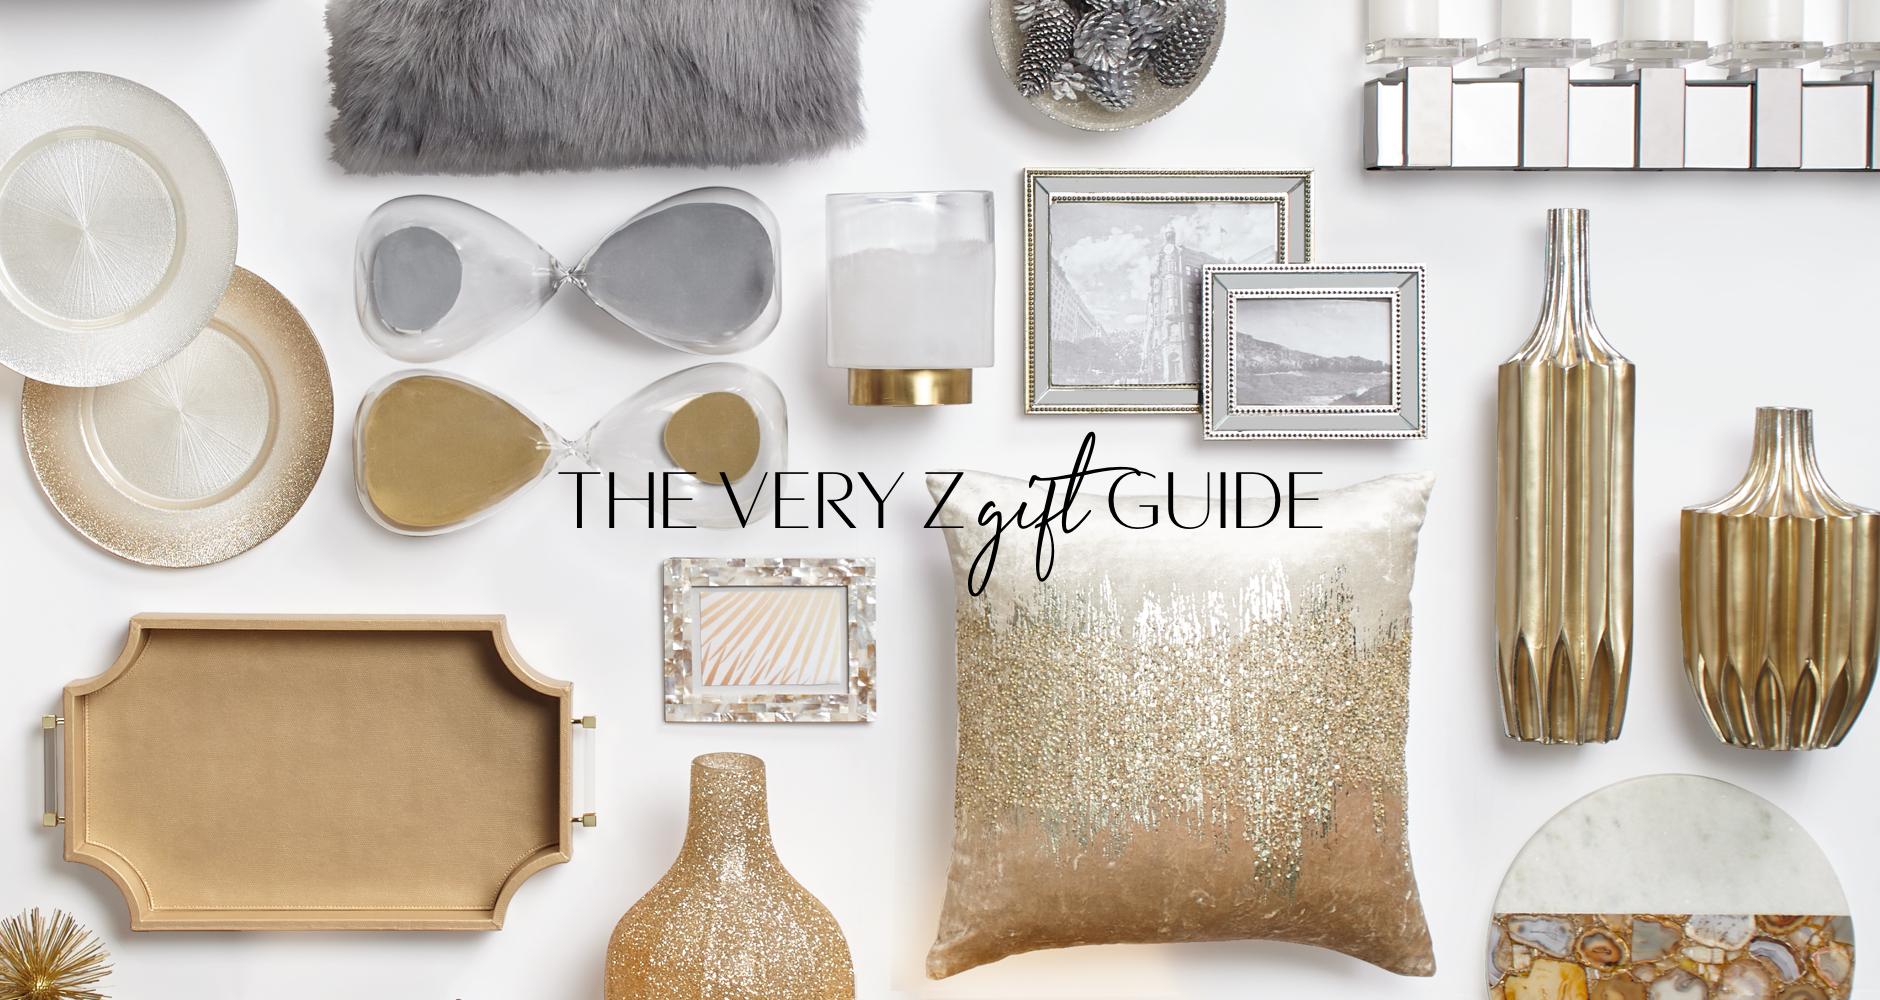 Z Gallerie Gift Guide